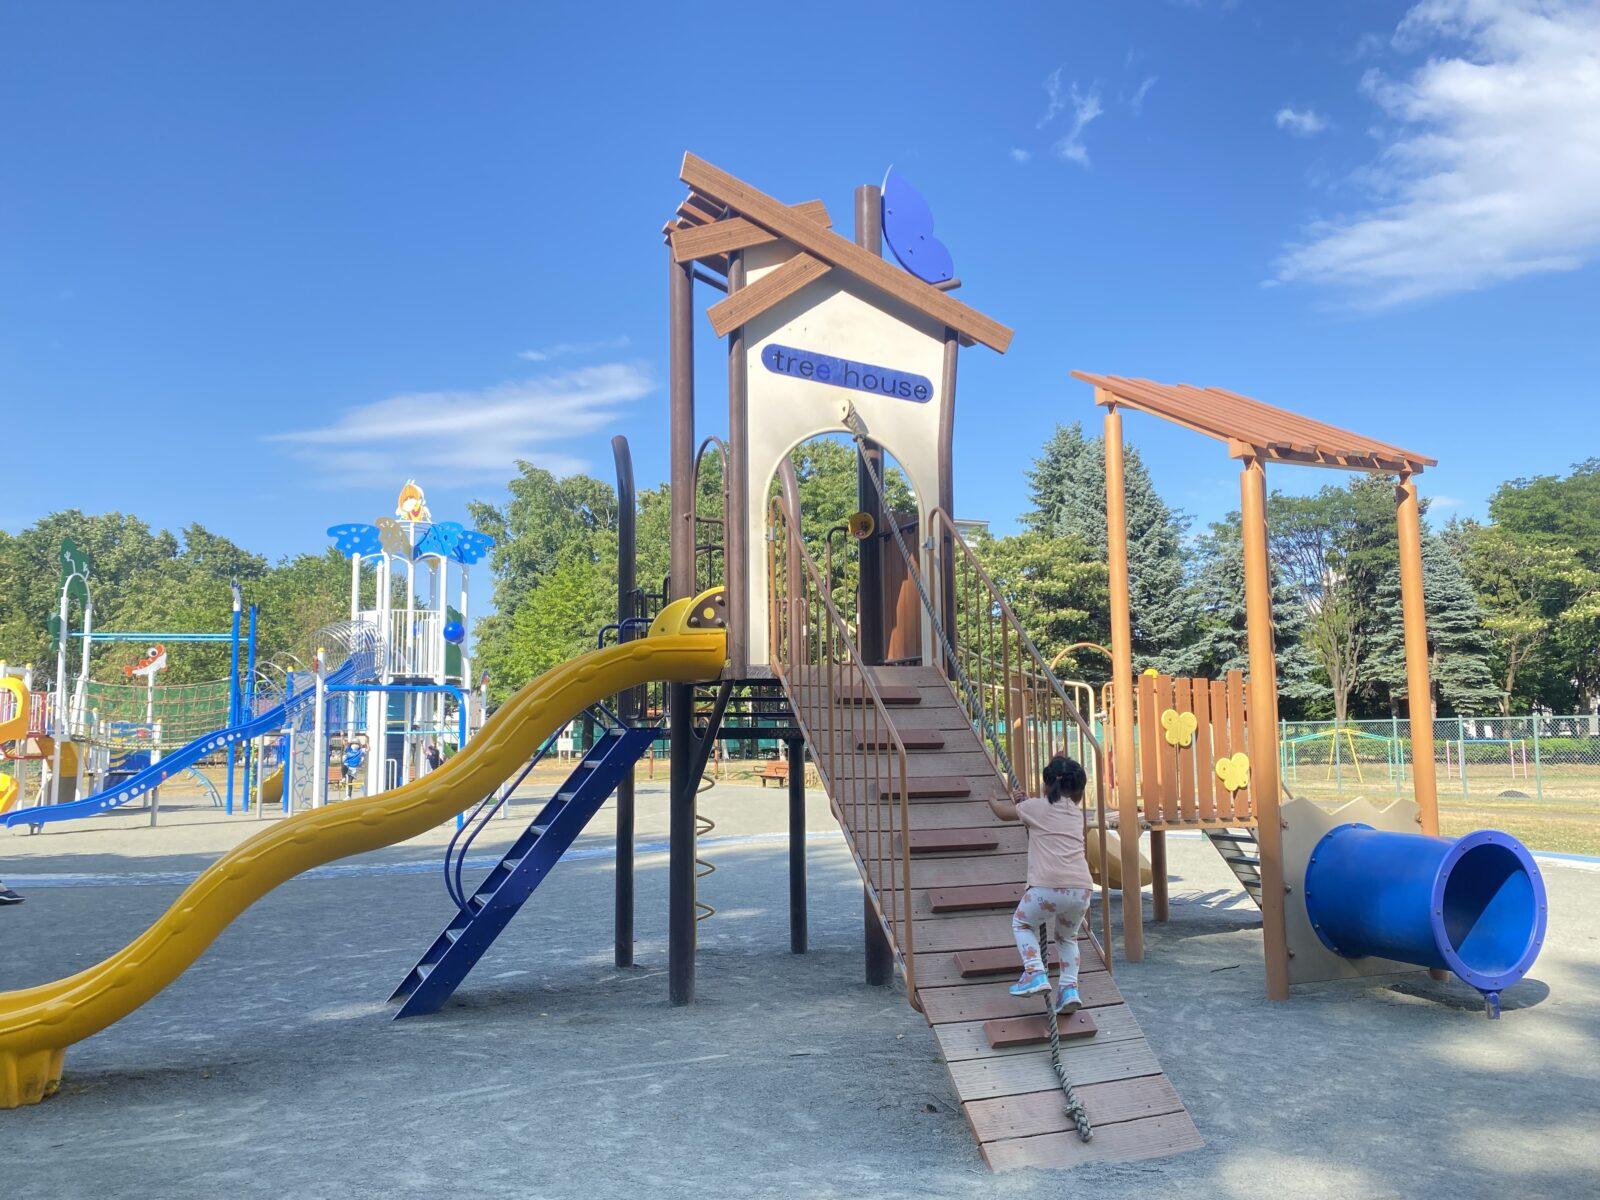 札幌 公園 東区 大型 伏古公園 幼児遊具